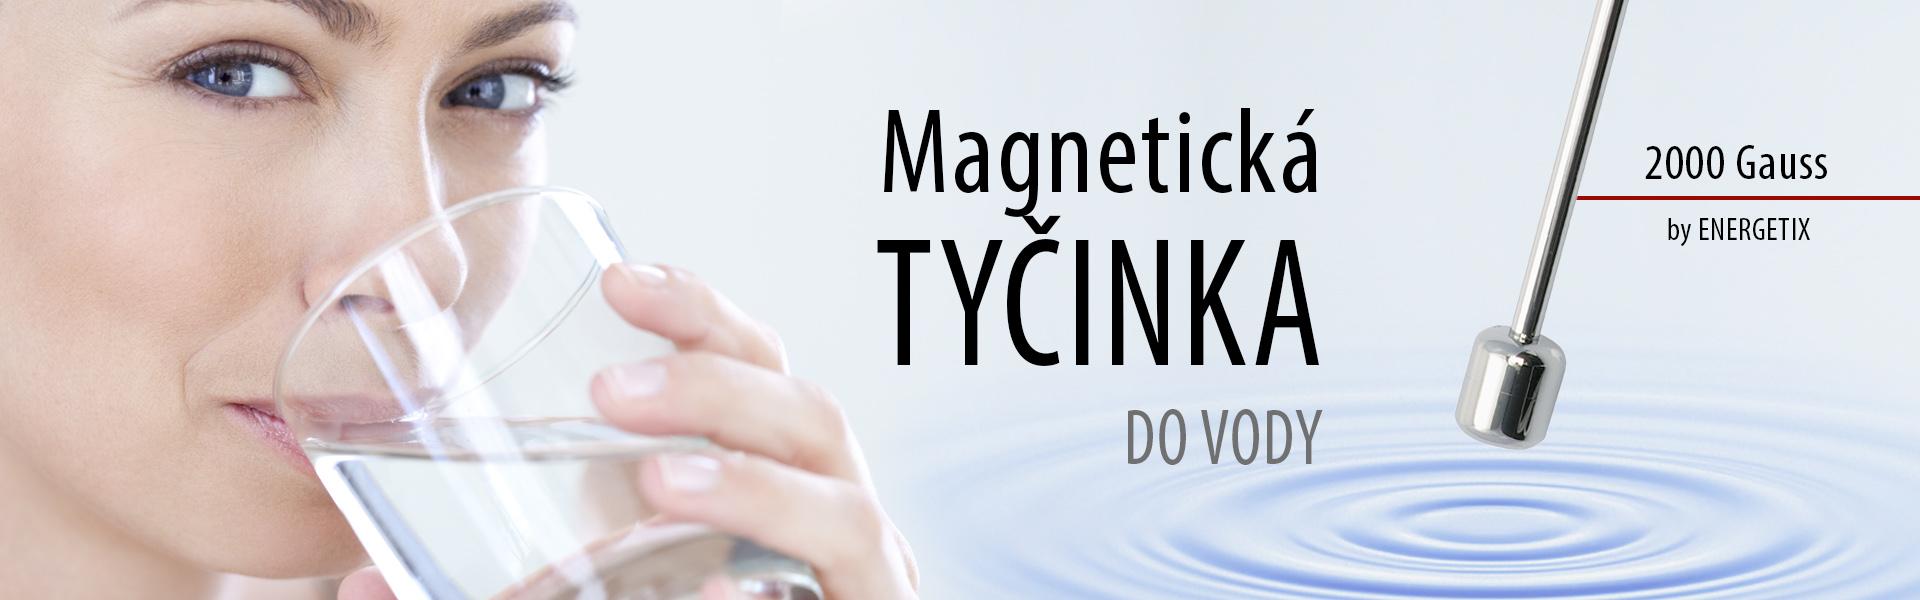 Magnetická tyčinka obsahuje magnet z neodymia, ktorý je najsilnejší permanentný magnet